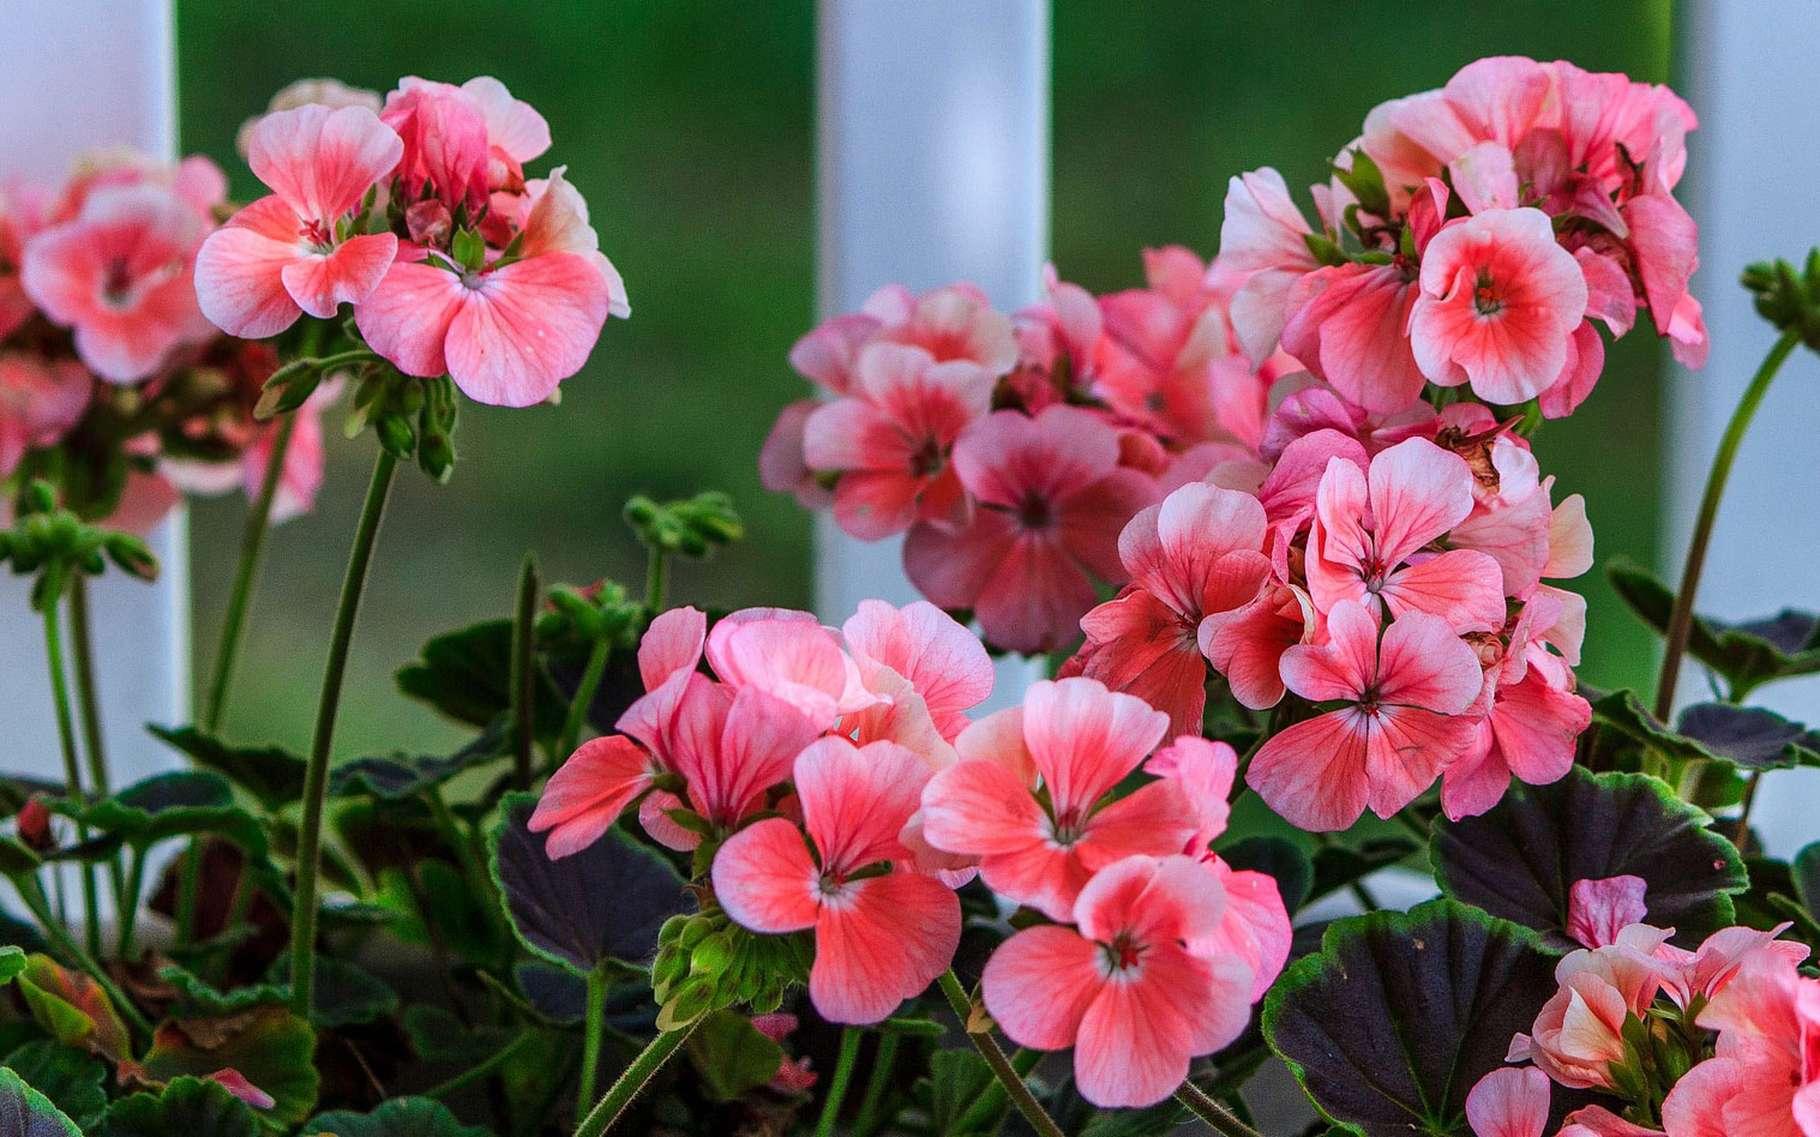 Les géraniums fleurissent nombre de balcons. © James De Mers, Pixabay, DP